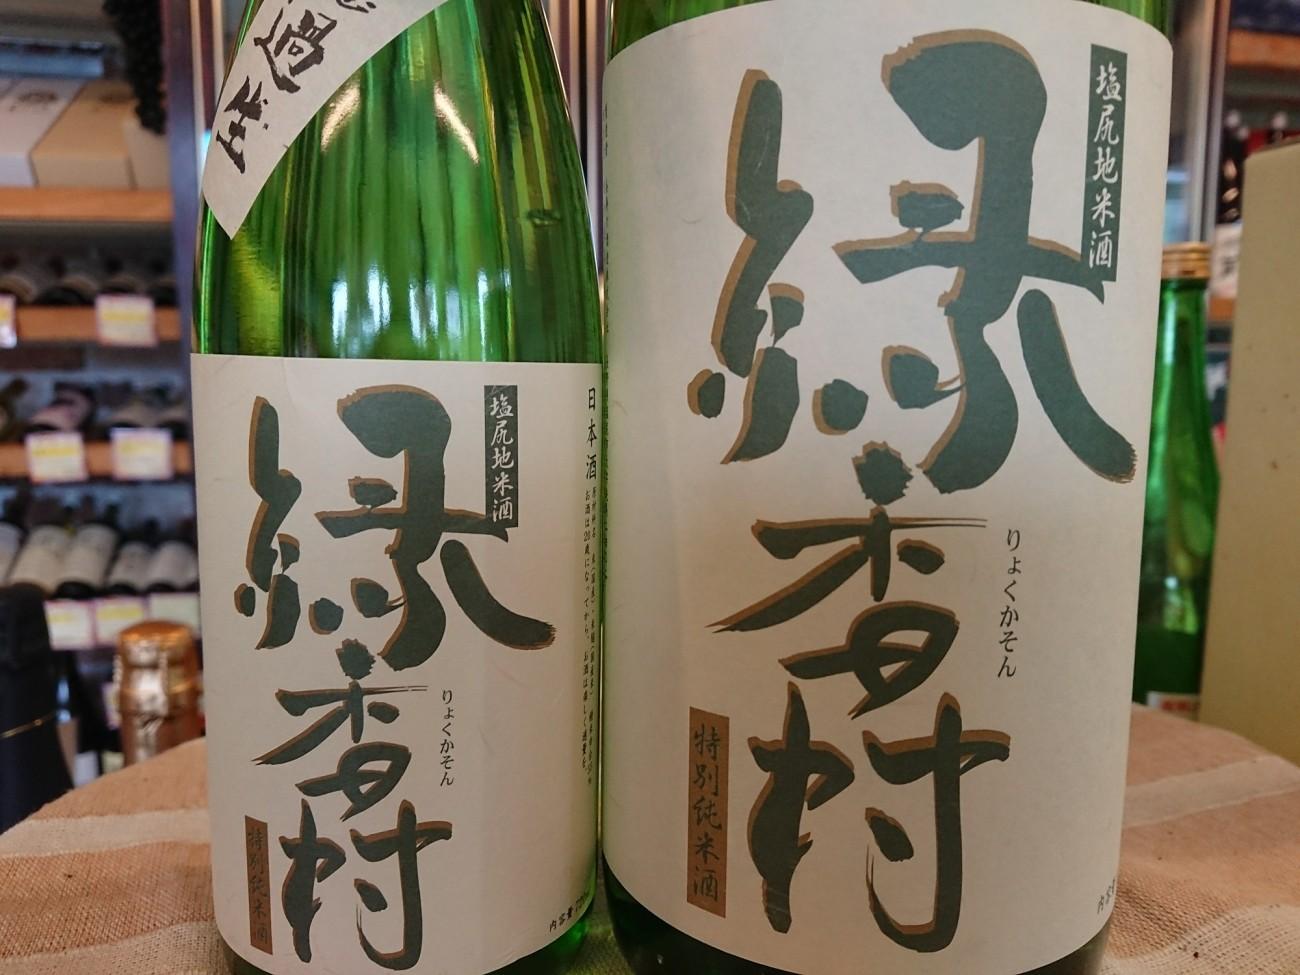 緑香村・新酒発売。